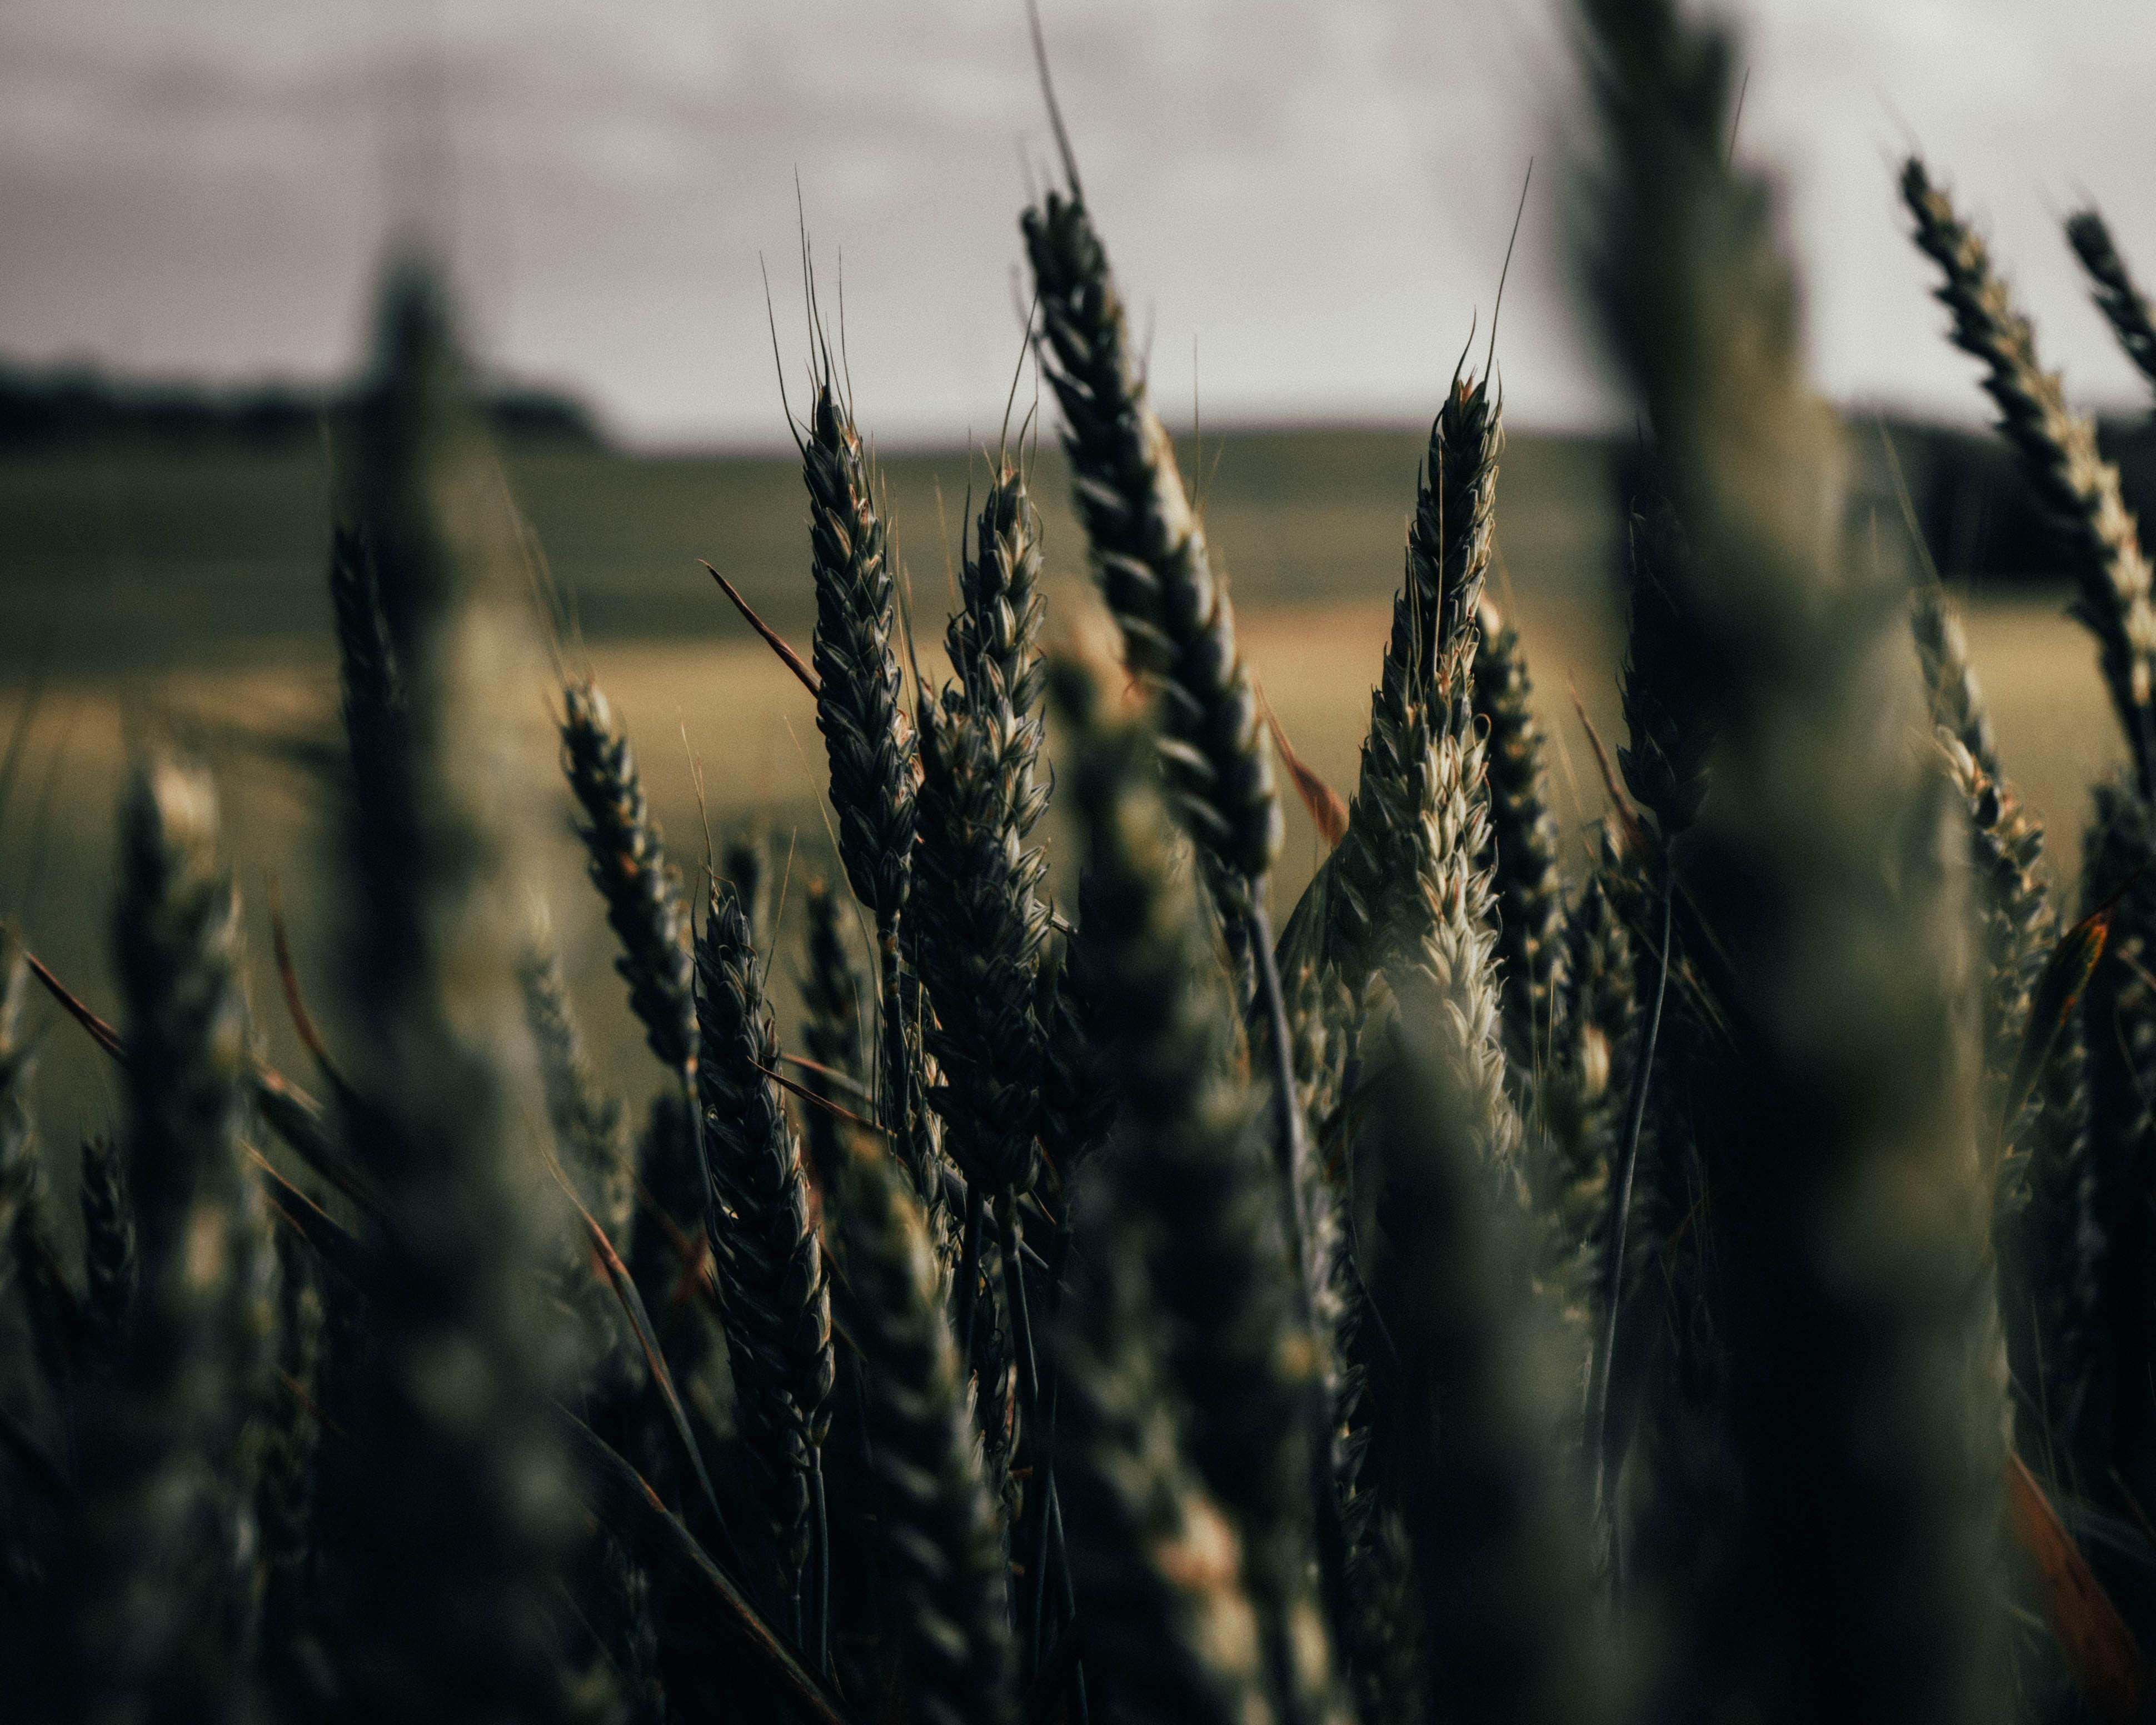 150033 скачать обои Макро, Колоски, Поле, Растения, Злаки, Пшеница - заставки и картинки бесплатно